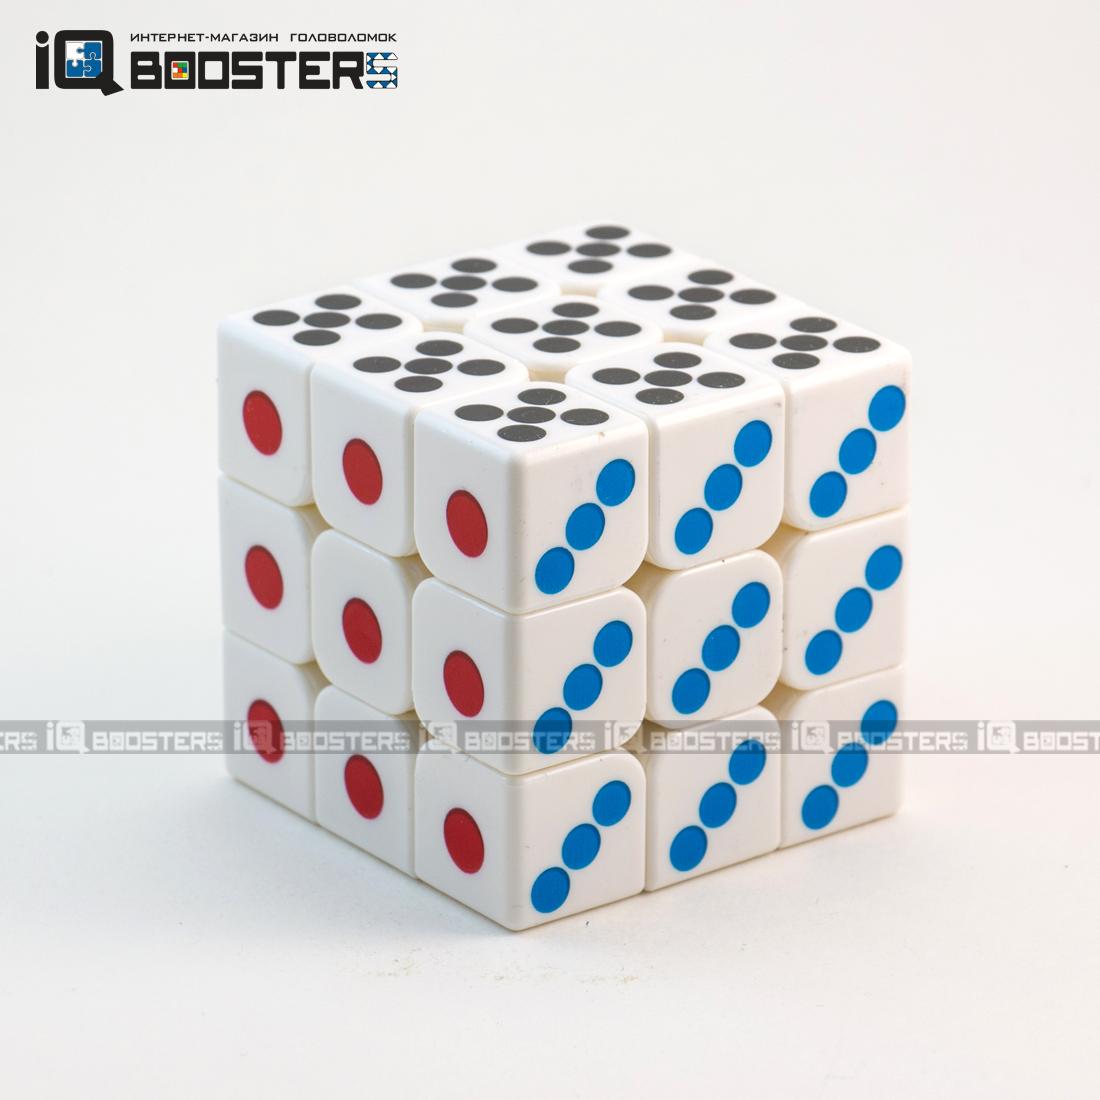 cc_dice_cube_2